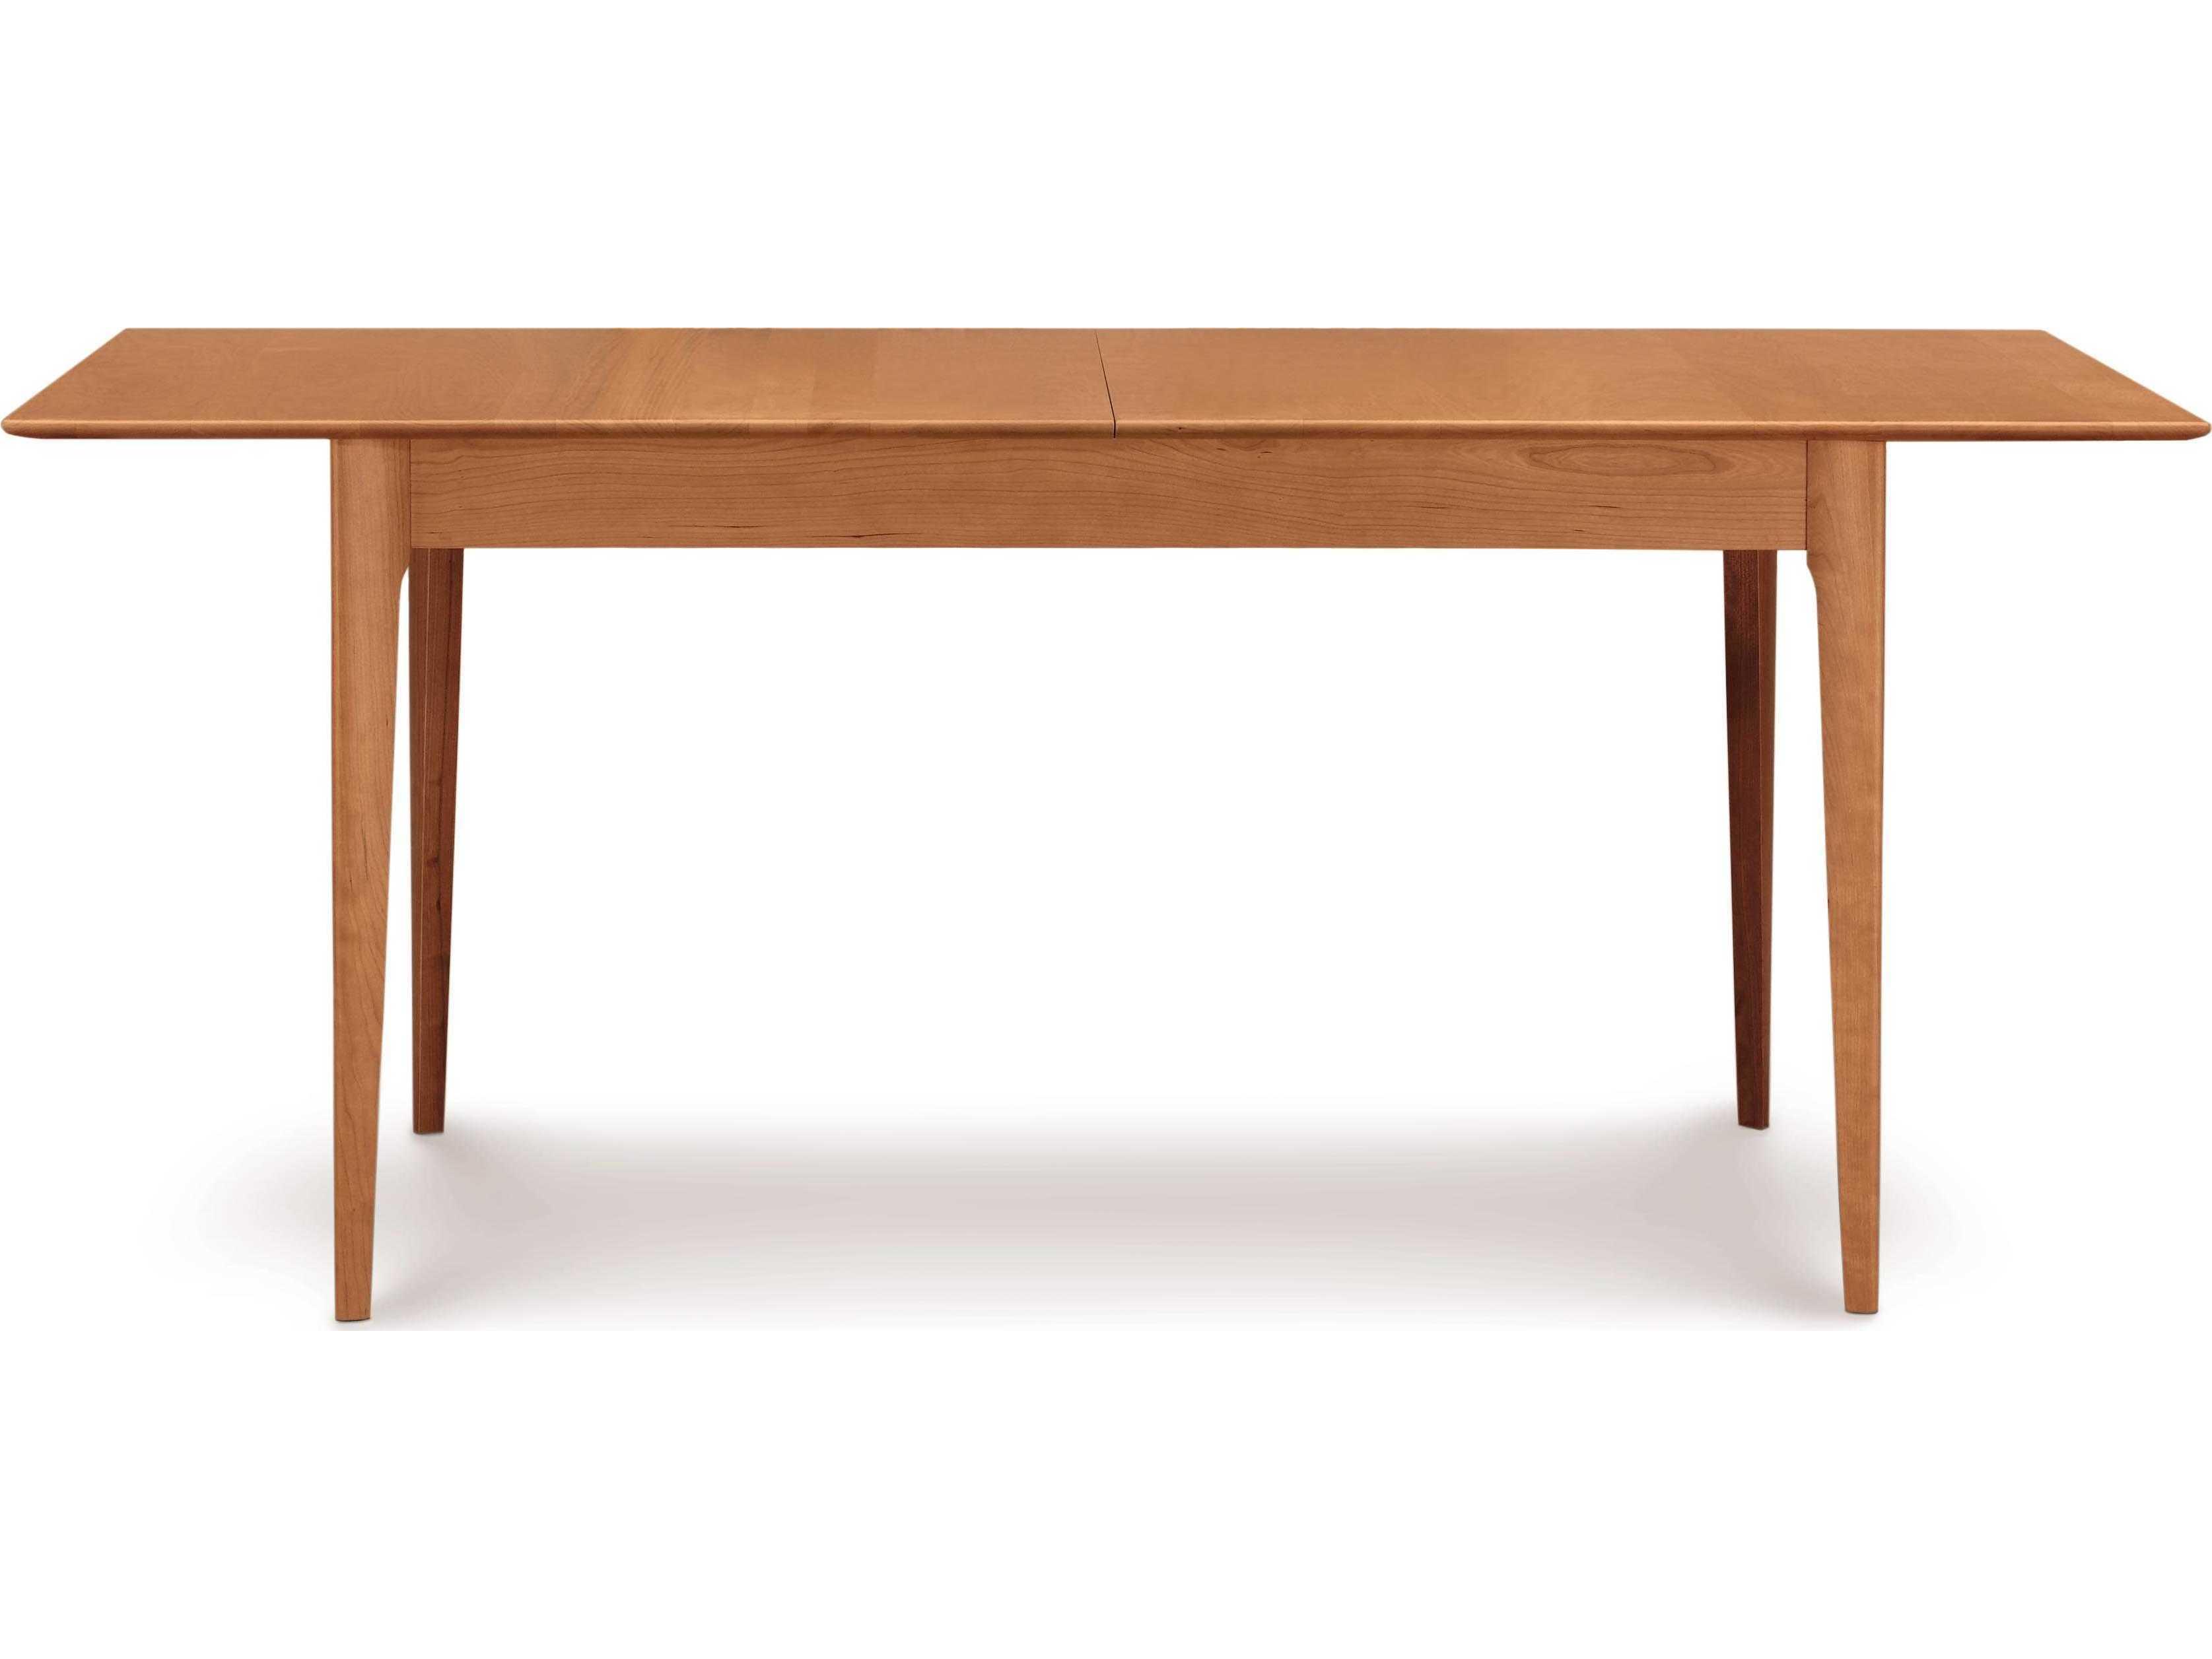 Copeland Furniture Sarah 66 90 W X 42 D Rectangular Extension Dining Table